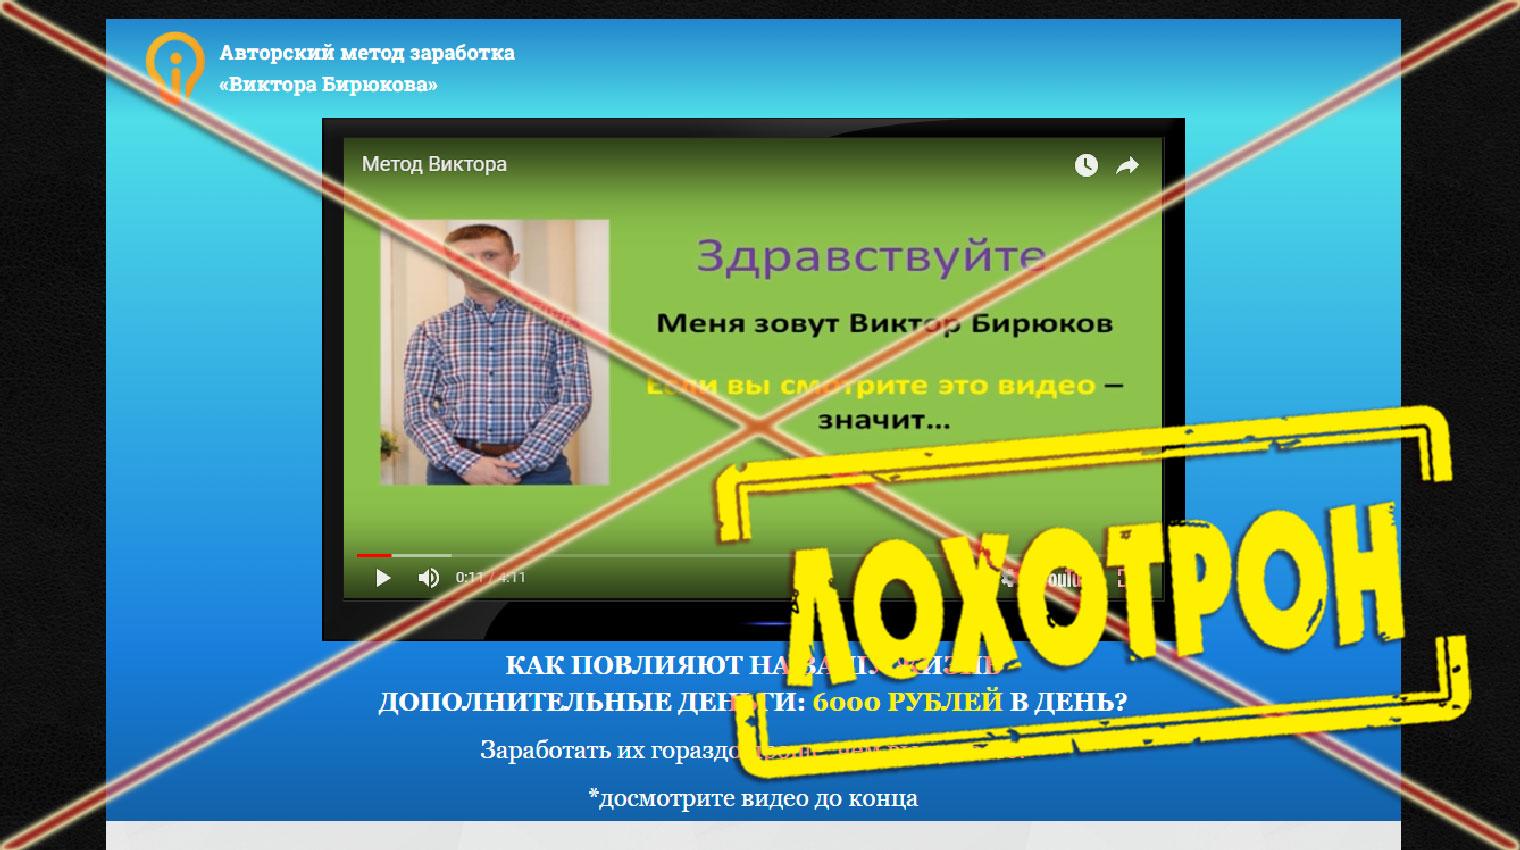 [Лохотрон] Авторский метод заработка Виктора Бирюкова